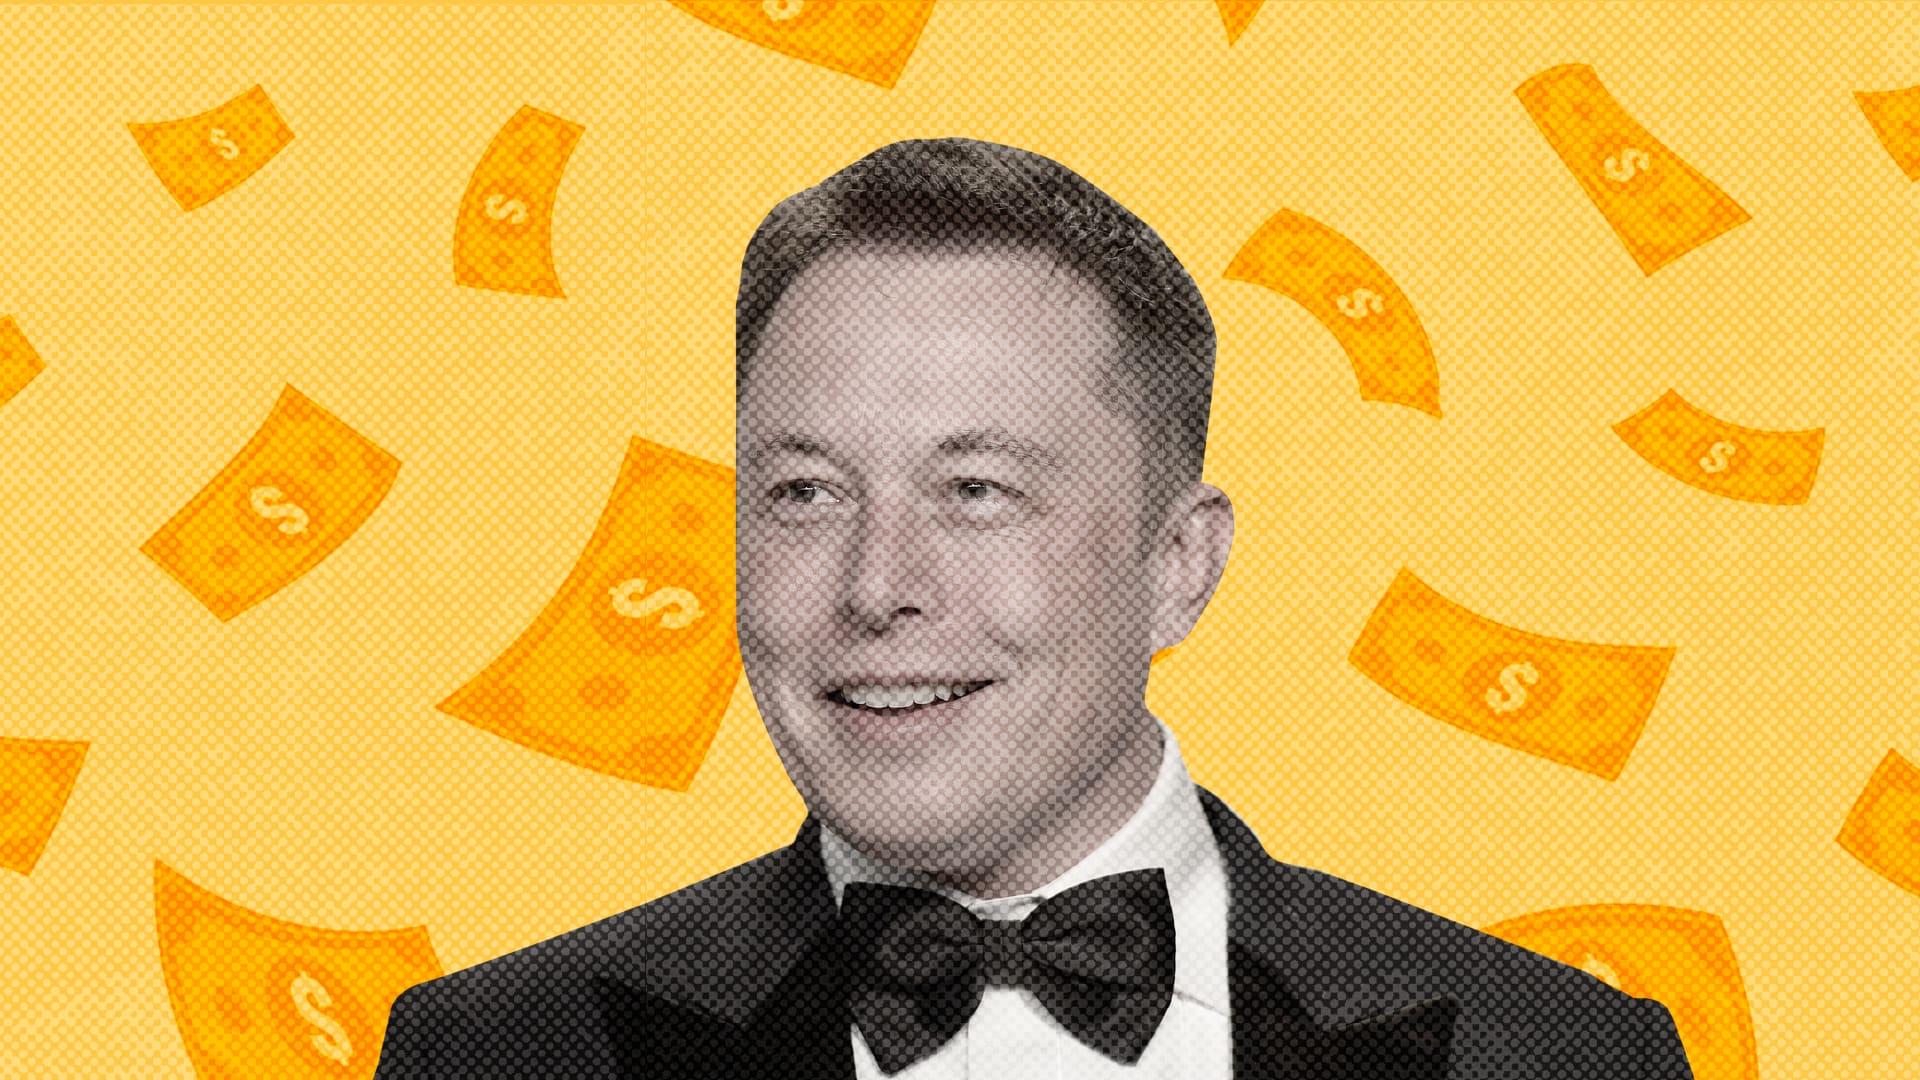 إيلون موسك يتخطى بيل غيتس ويصبح ثاني أغنى رجل في العالم.. هذه قيمة ثروته